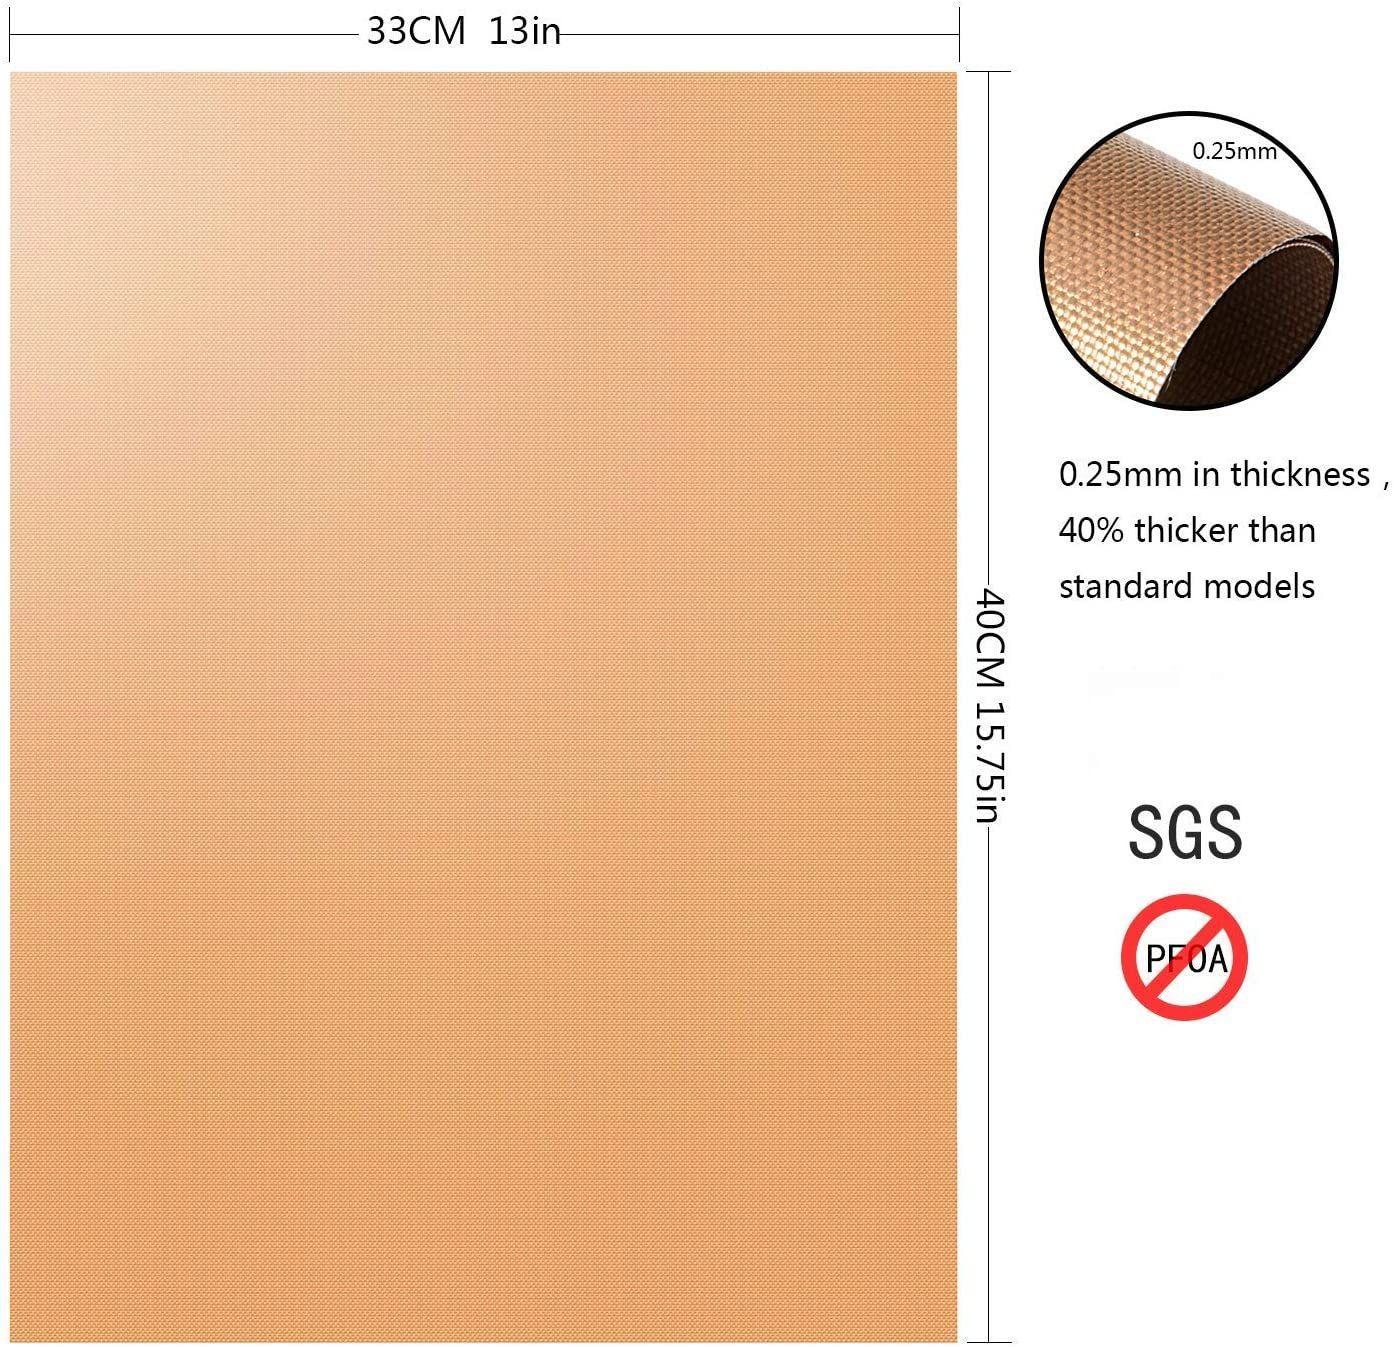 Gold Reusable Teflon BBQ Mat image